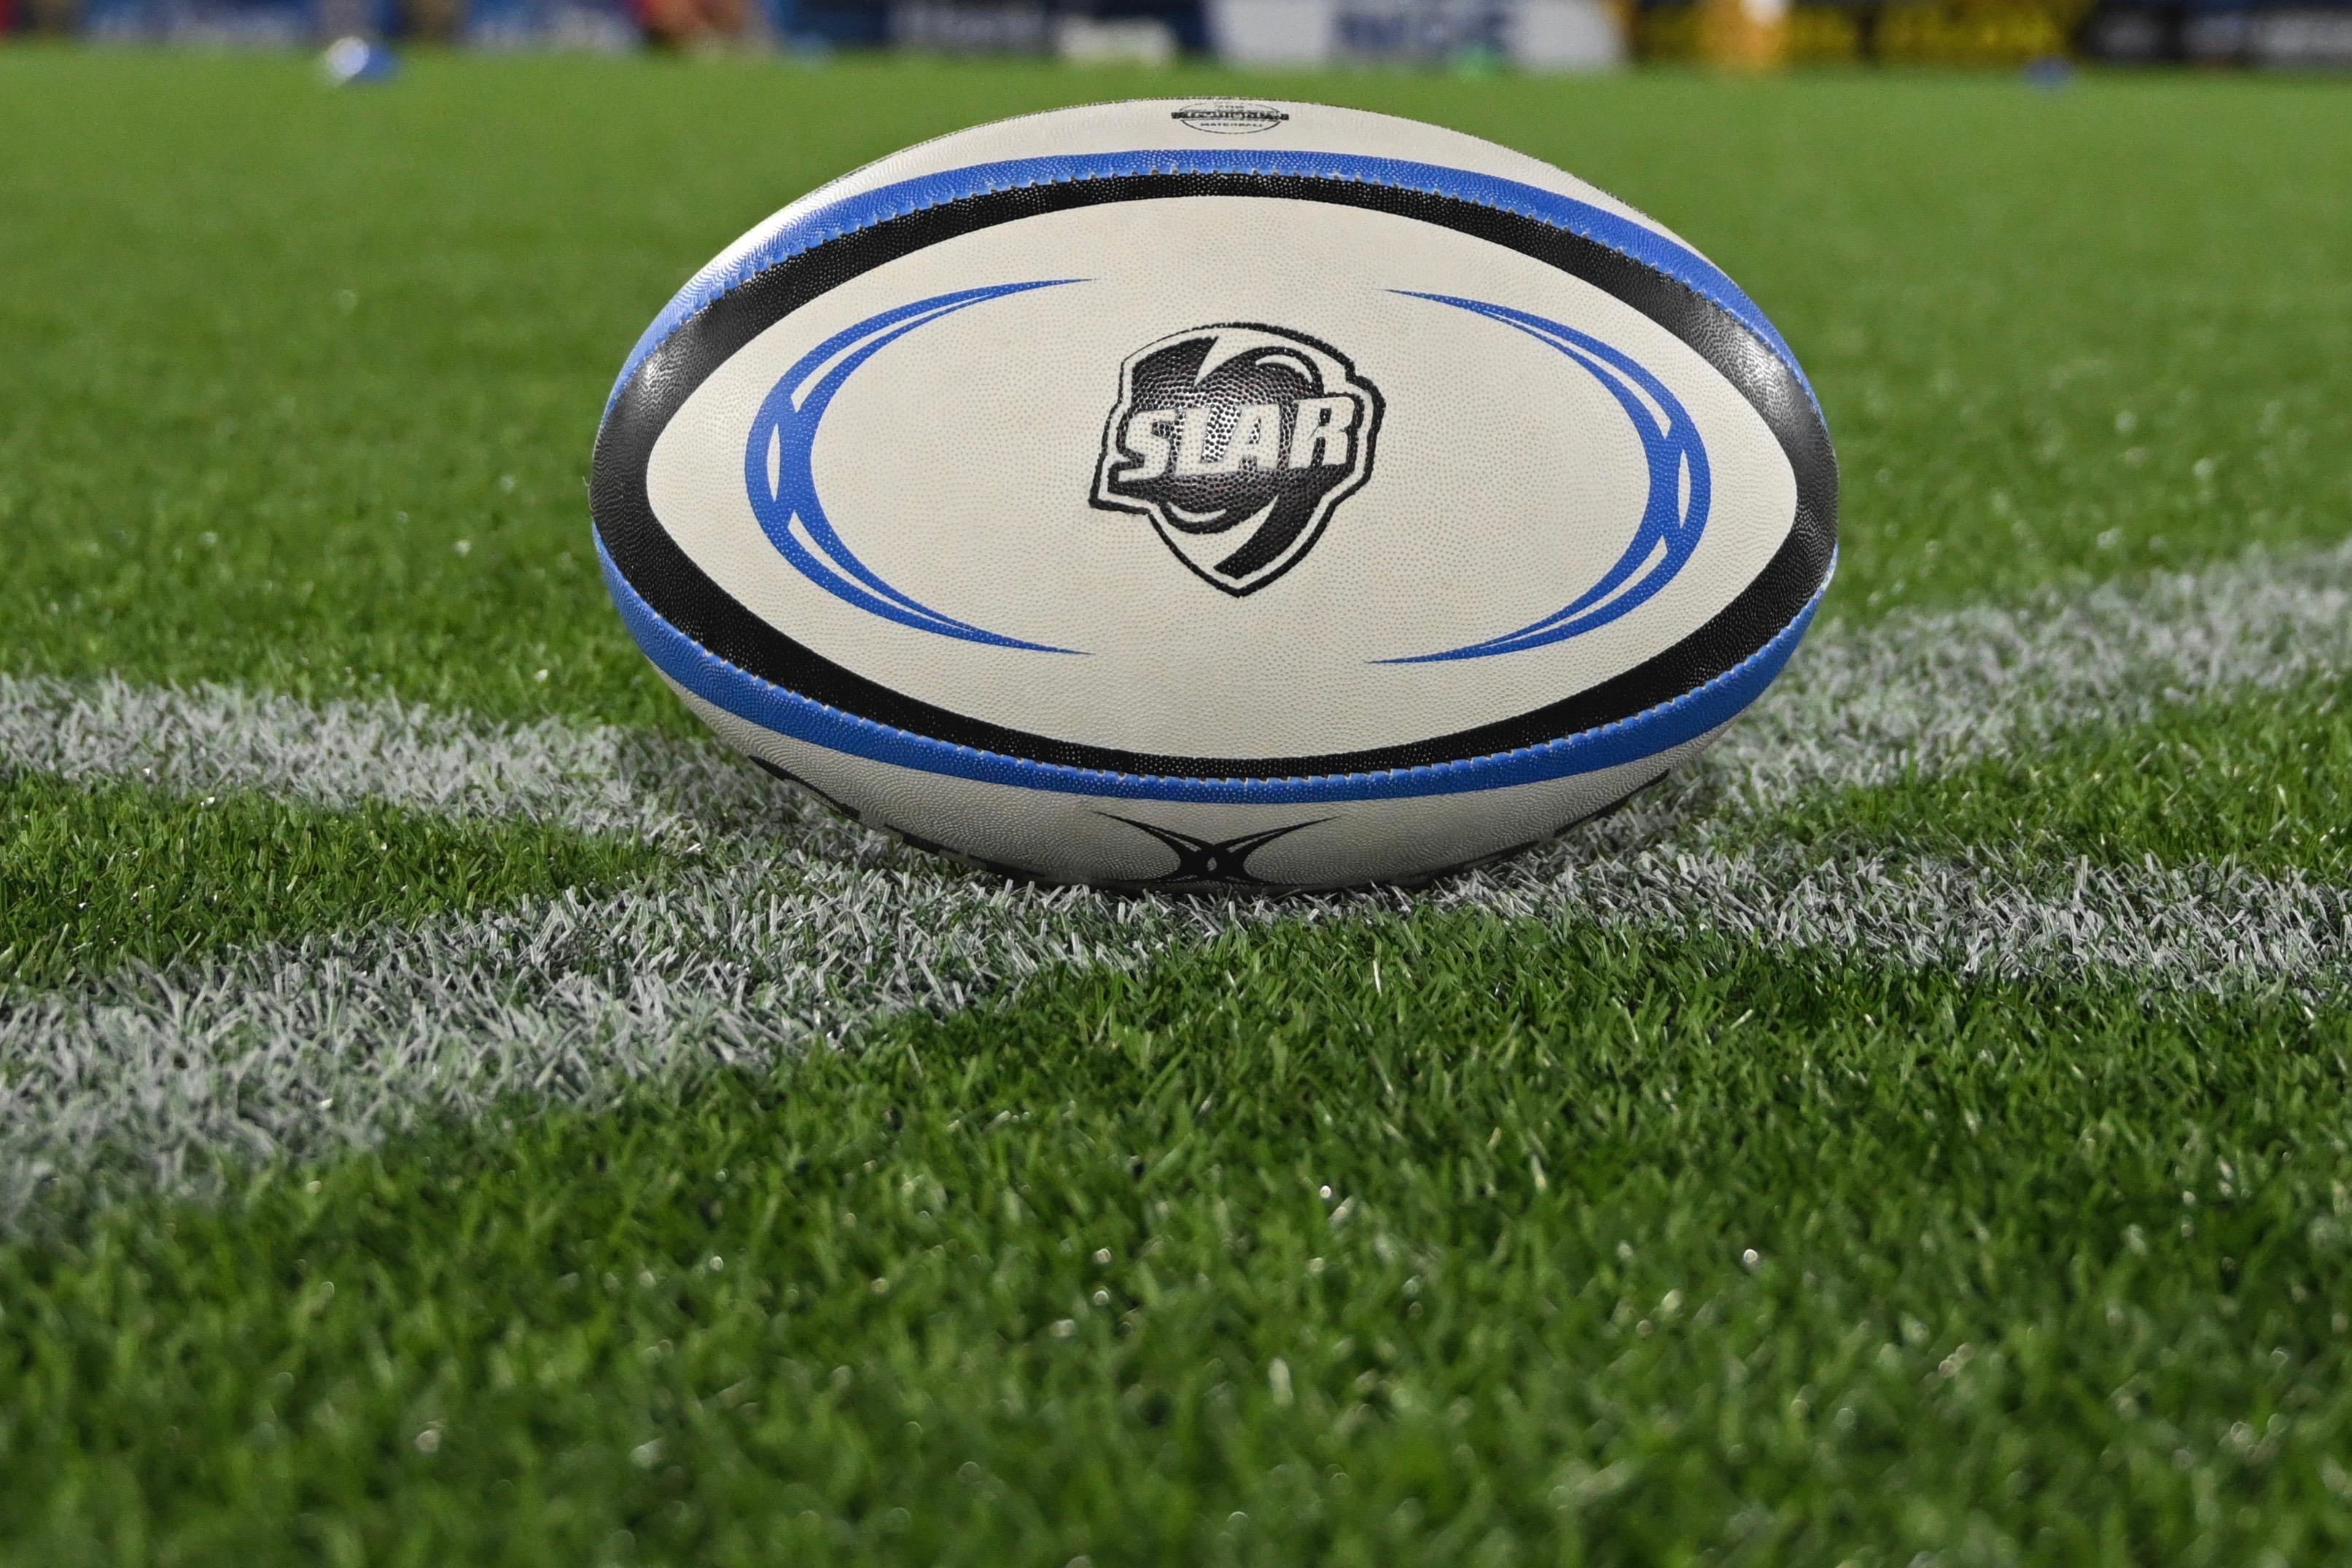 Están las fechas y el fixture de la Superliga Americana de Rugby